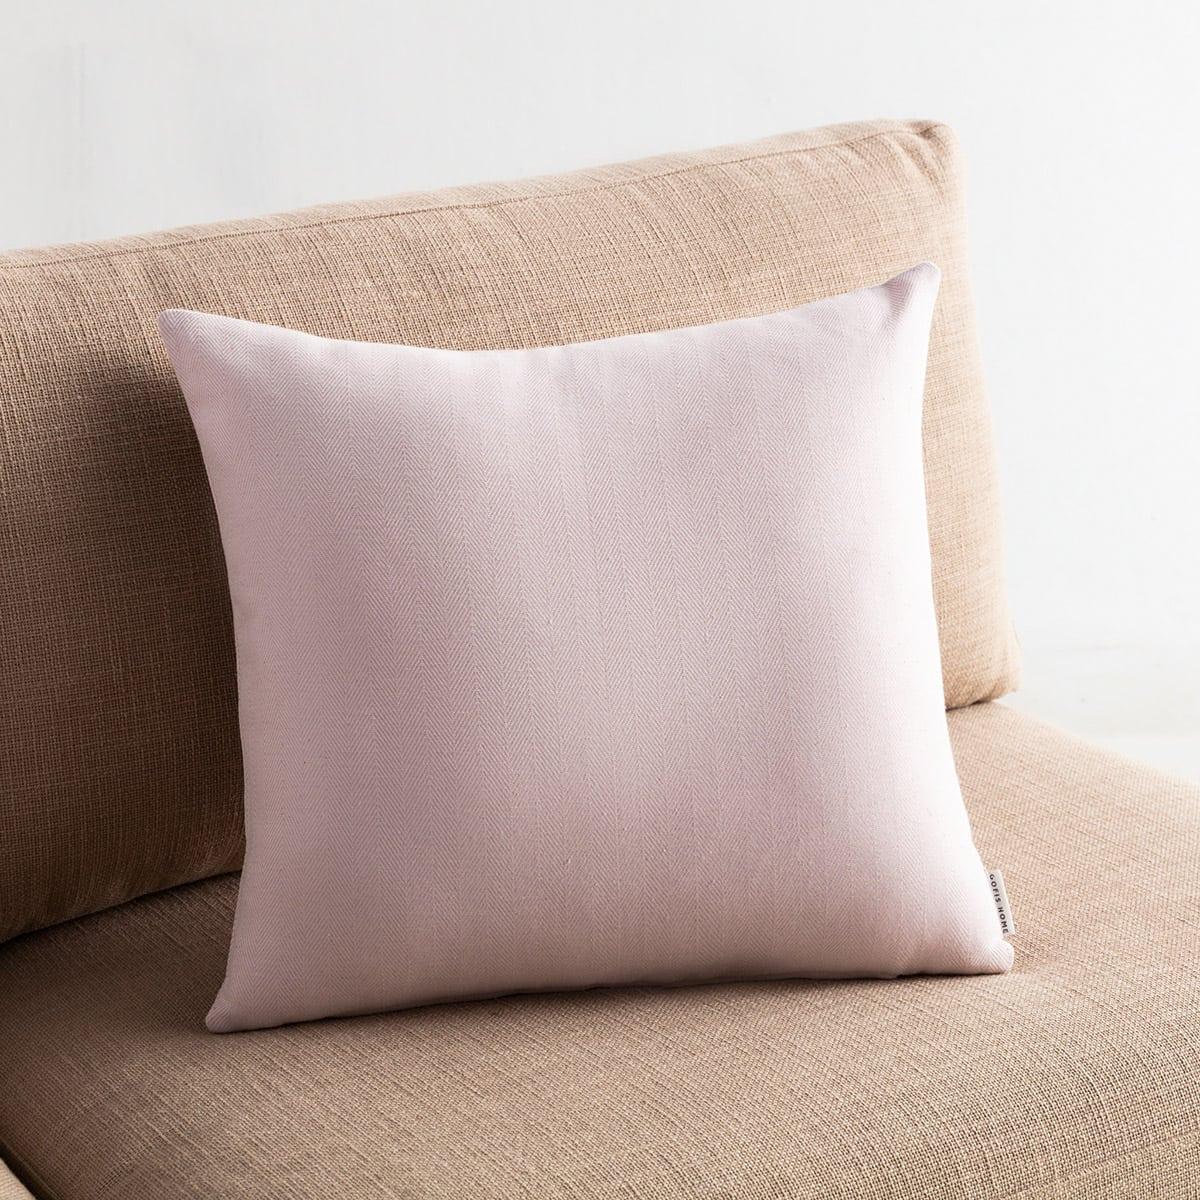 Μαξιλαροθήκη Διακοσμητική Rene 732/20 Lila Gofis Home 50X50 Βαμβάκι-Polyester